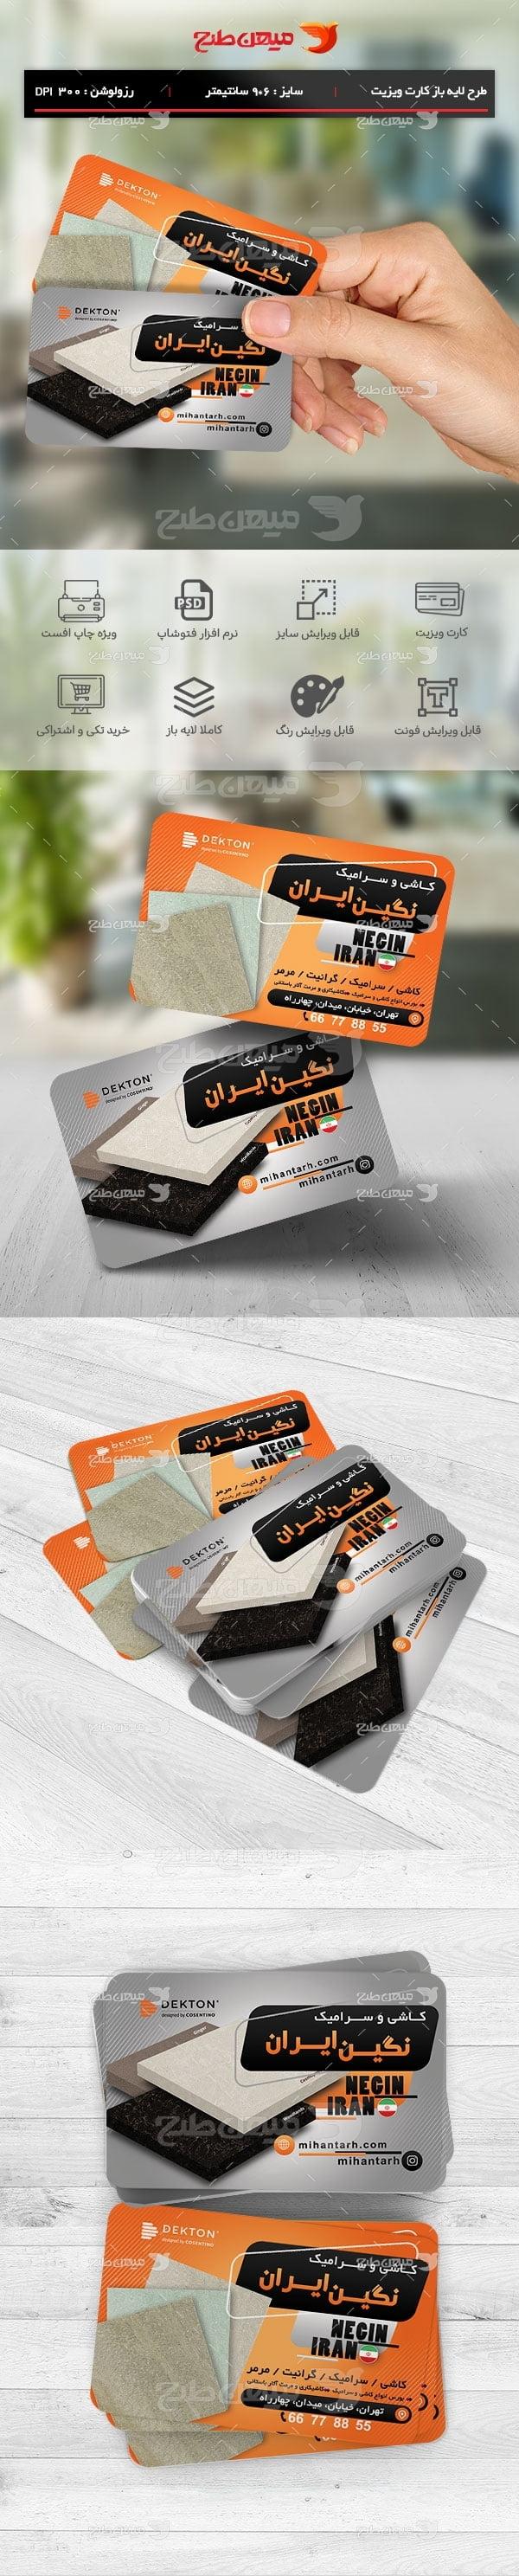 طرح لایه باز کارت ویزیت فروشگاه کاشی و سرامیک